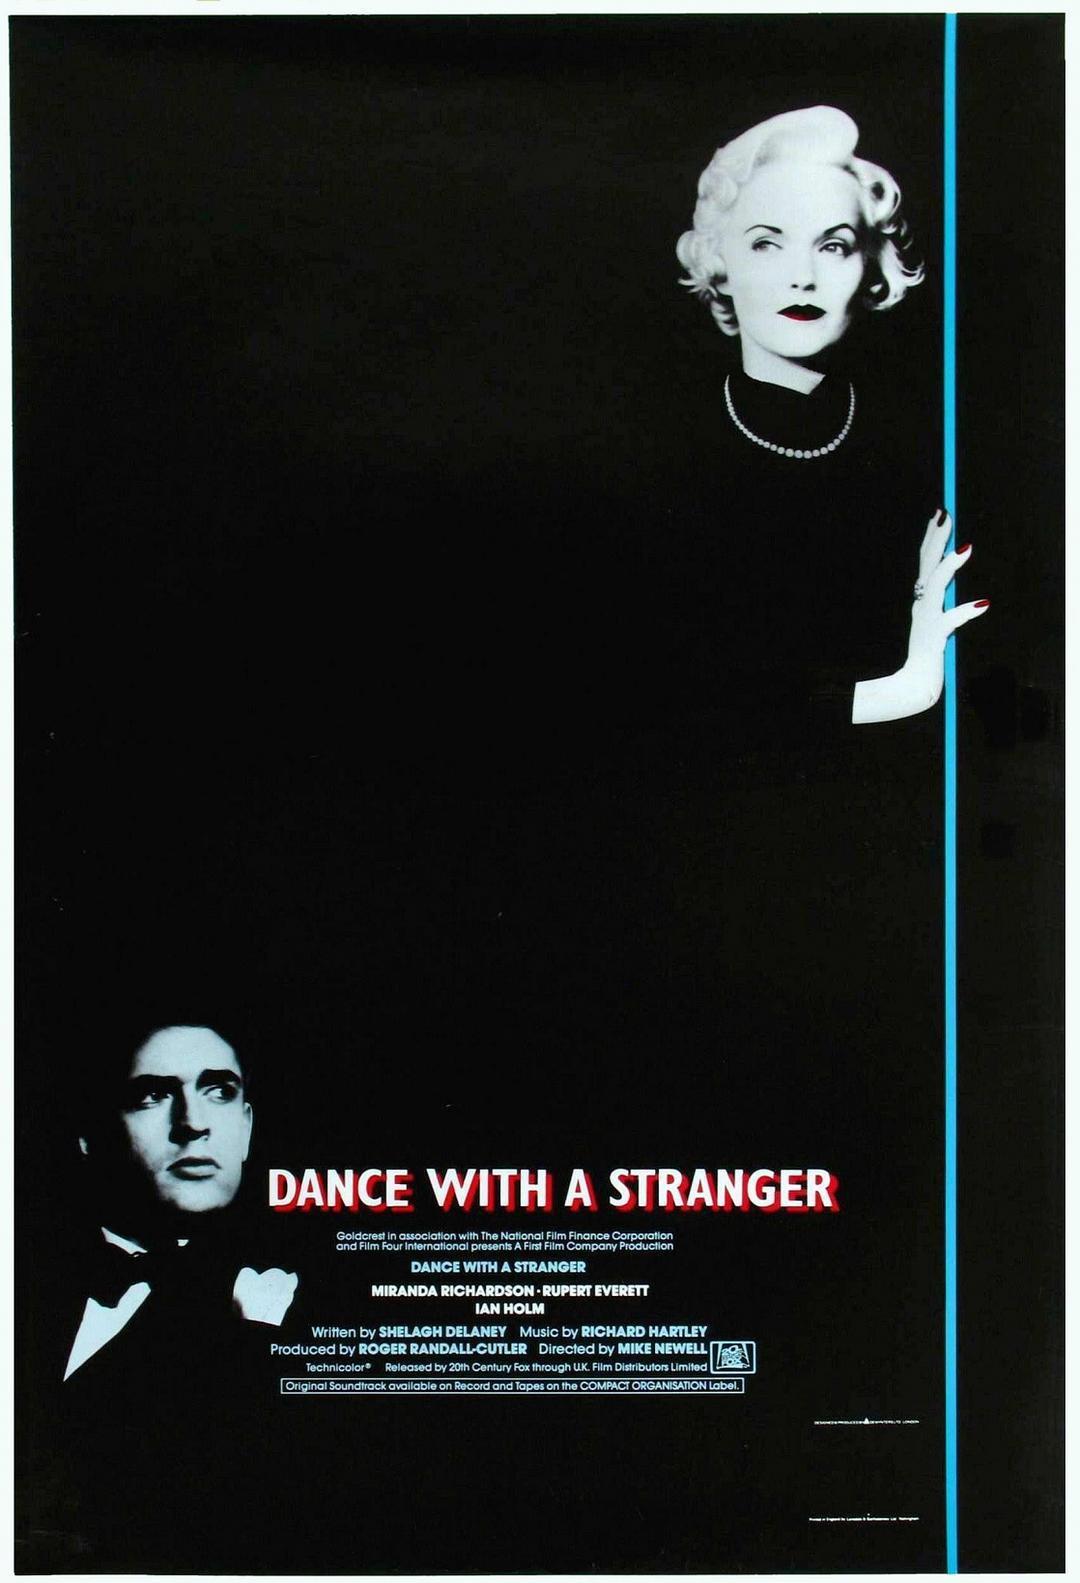 与陌生人共舞